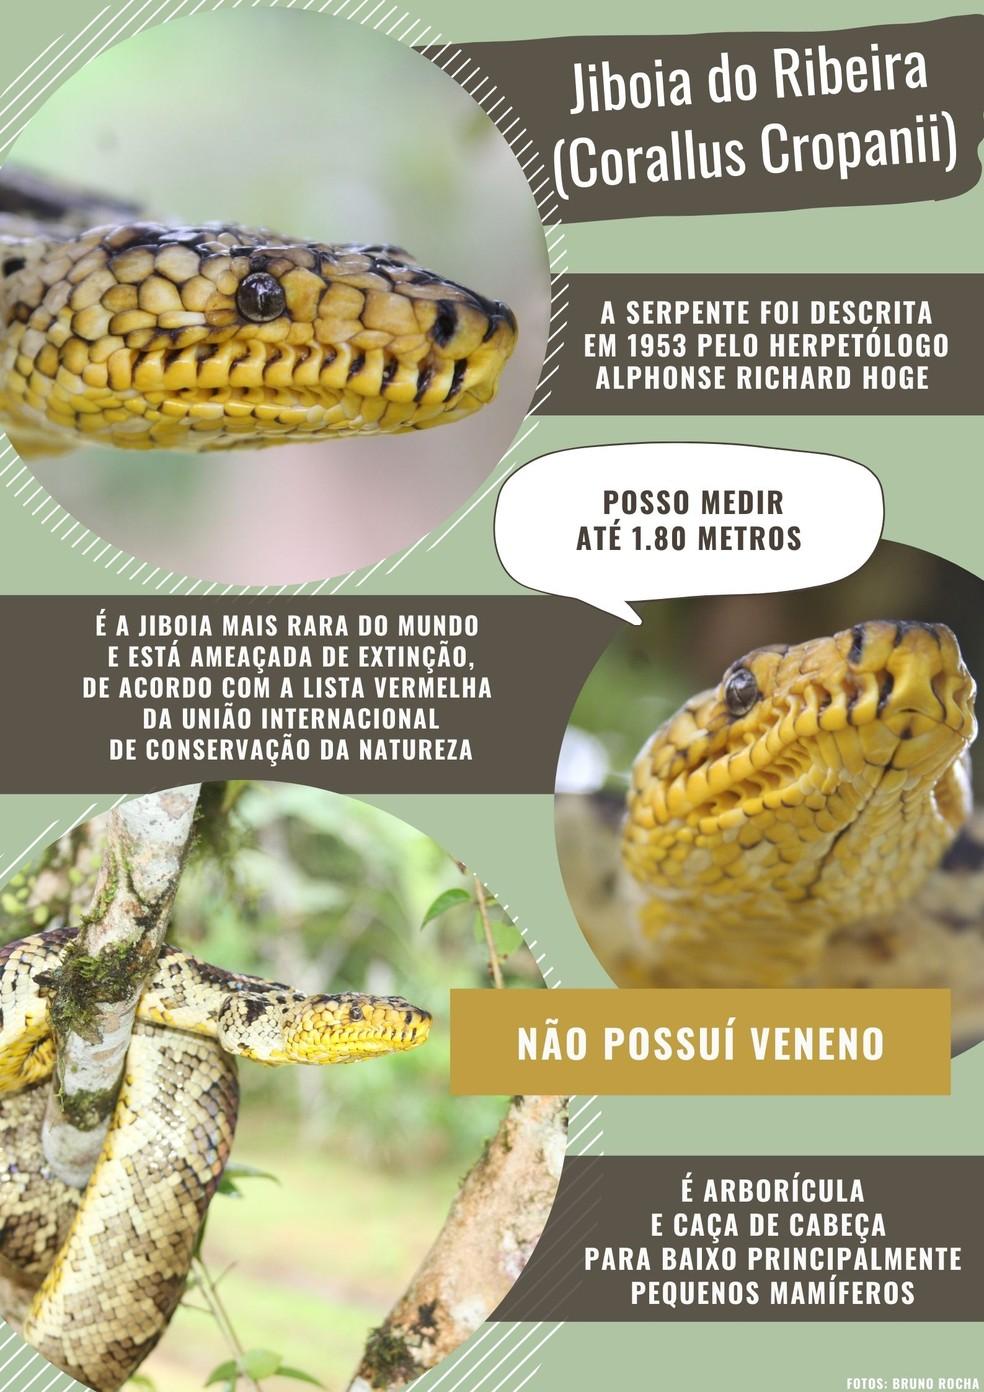 Características das jiboias do ribeira (Corallus cropanii). — Foto: Arte TG